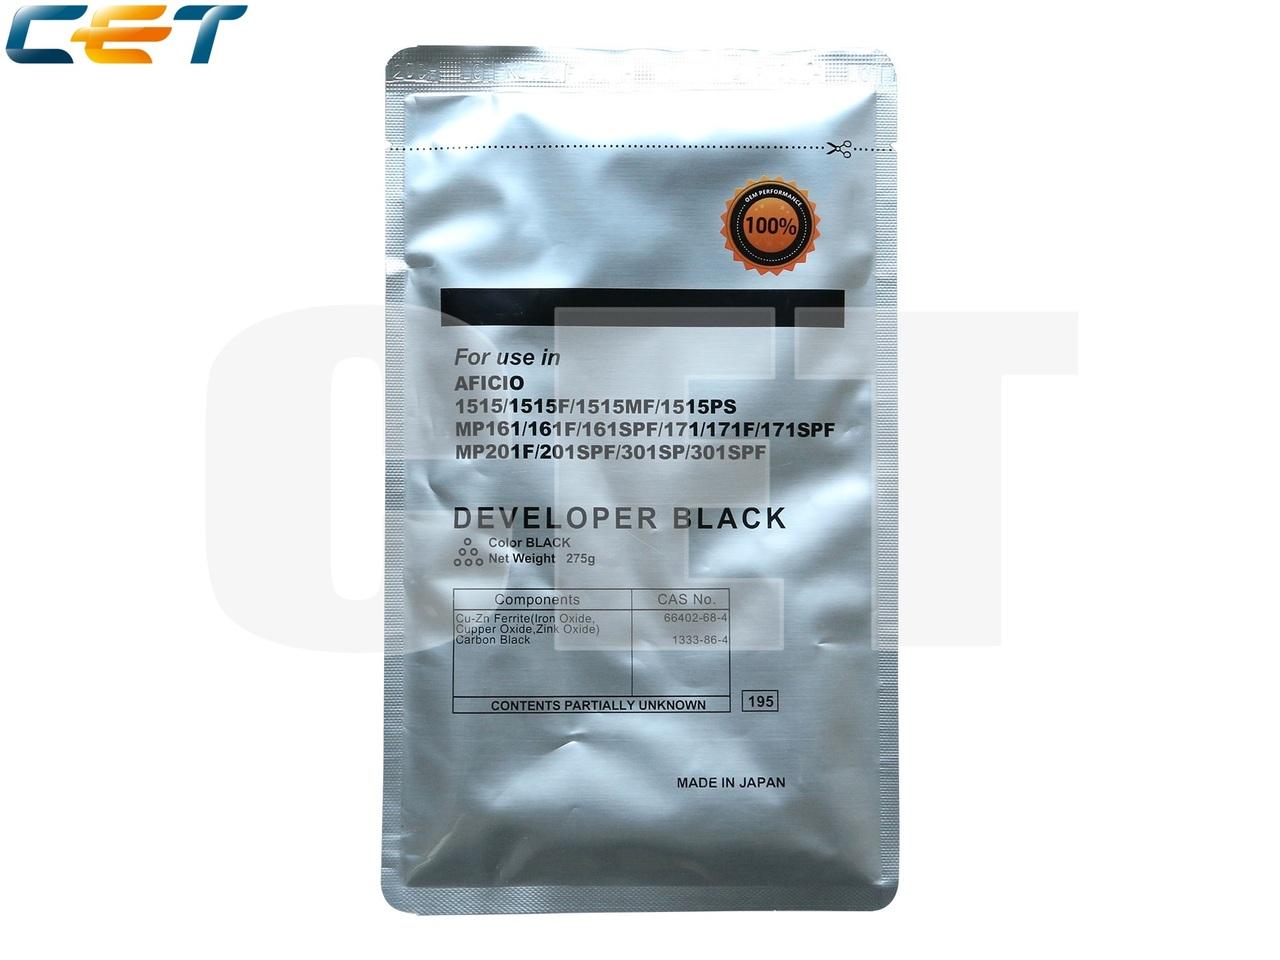 Девелопер для RICOH Aficio 1515/MP161/MP171/MP201 (CET),275г/пак, 45000 стр., CET8881